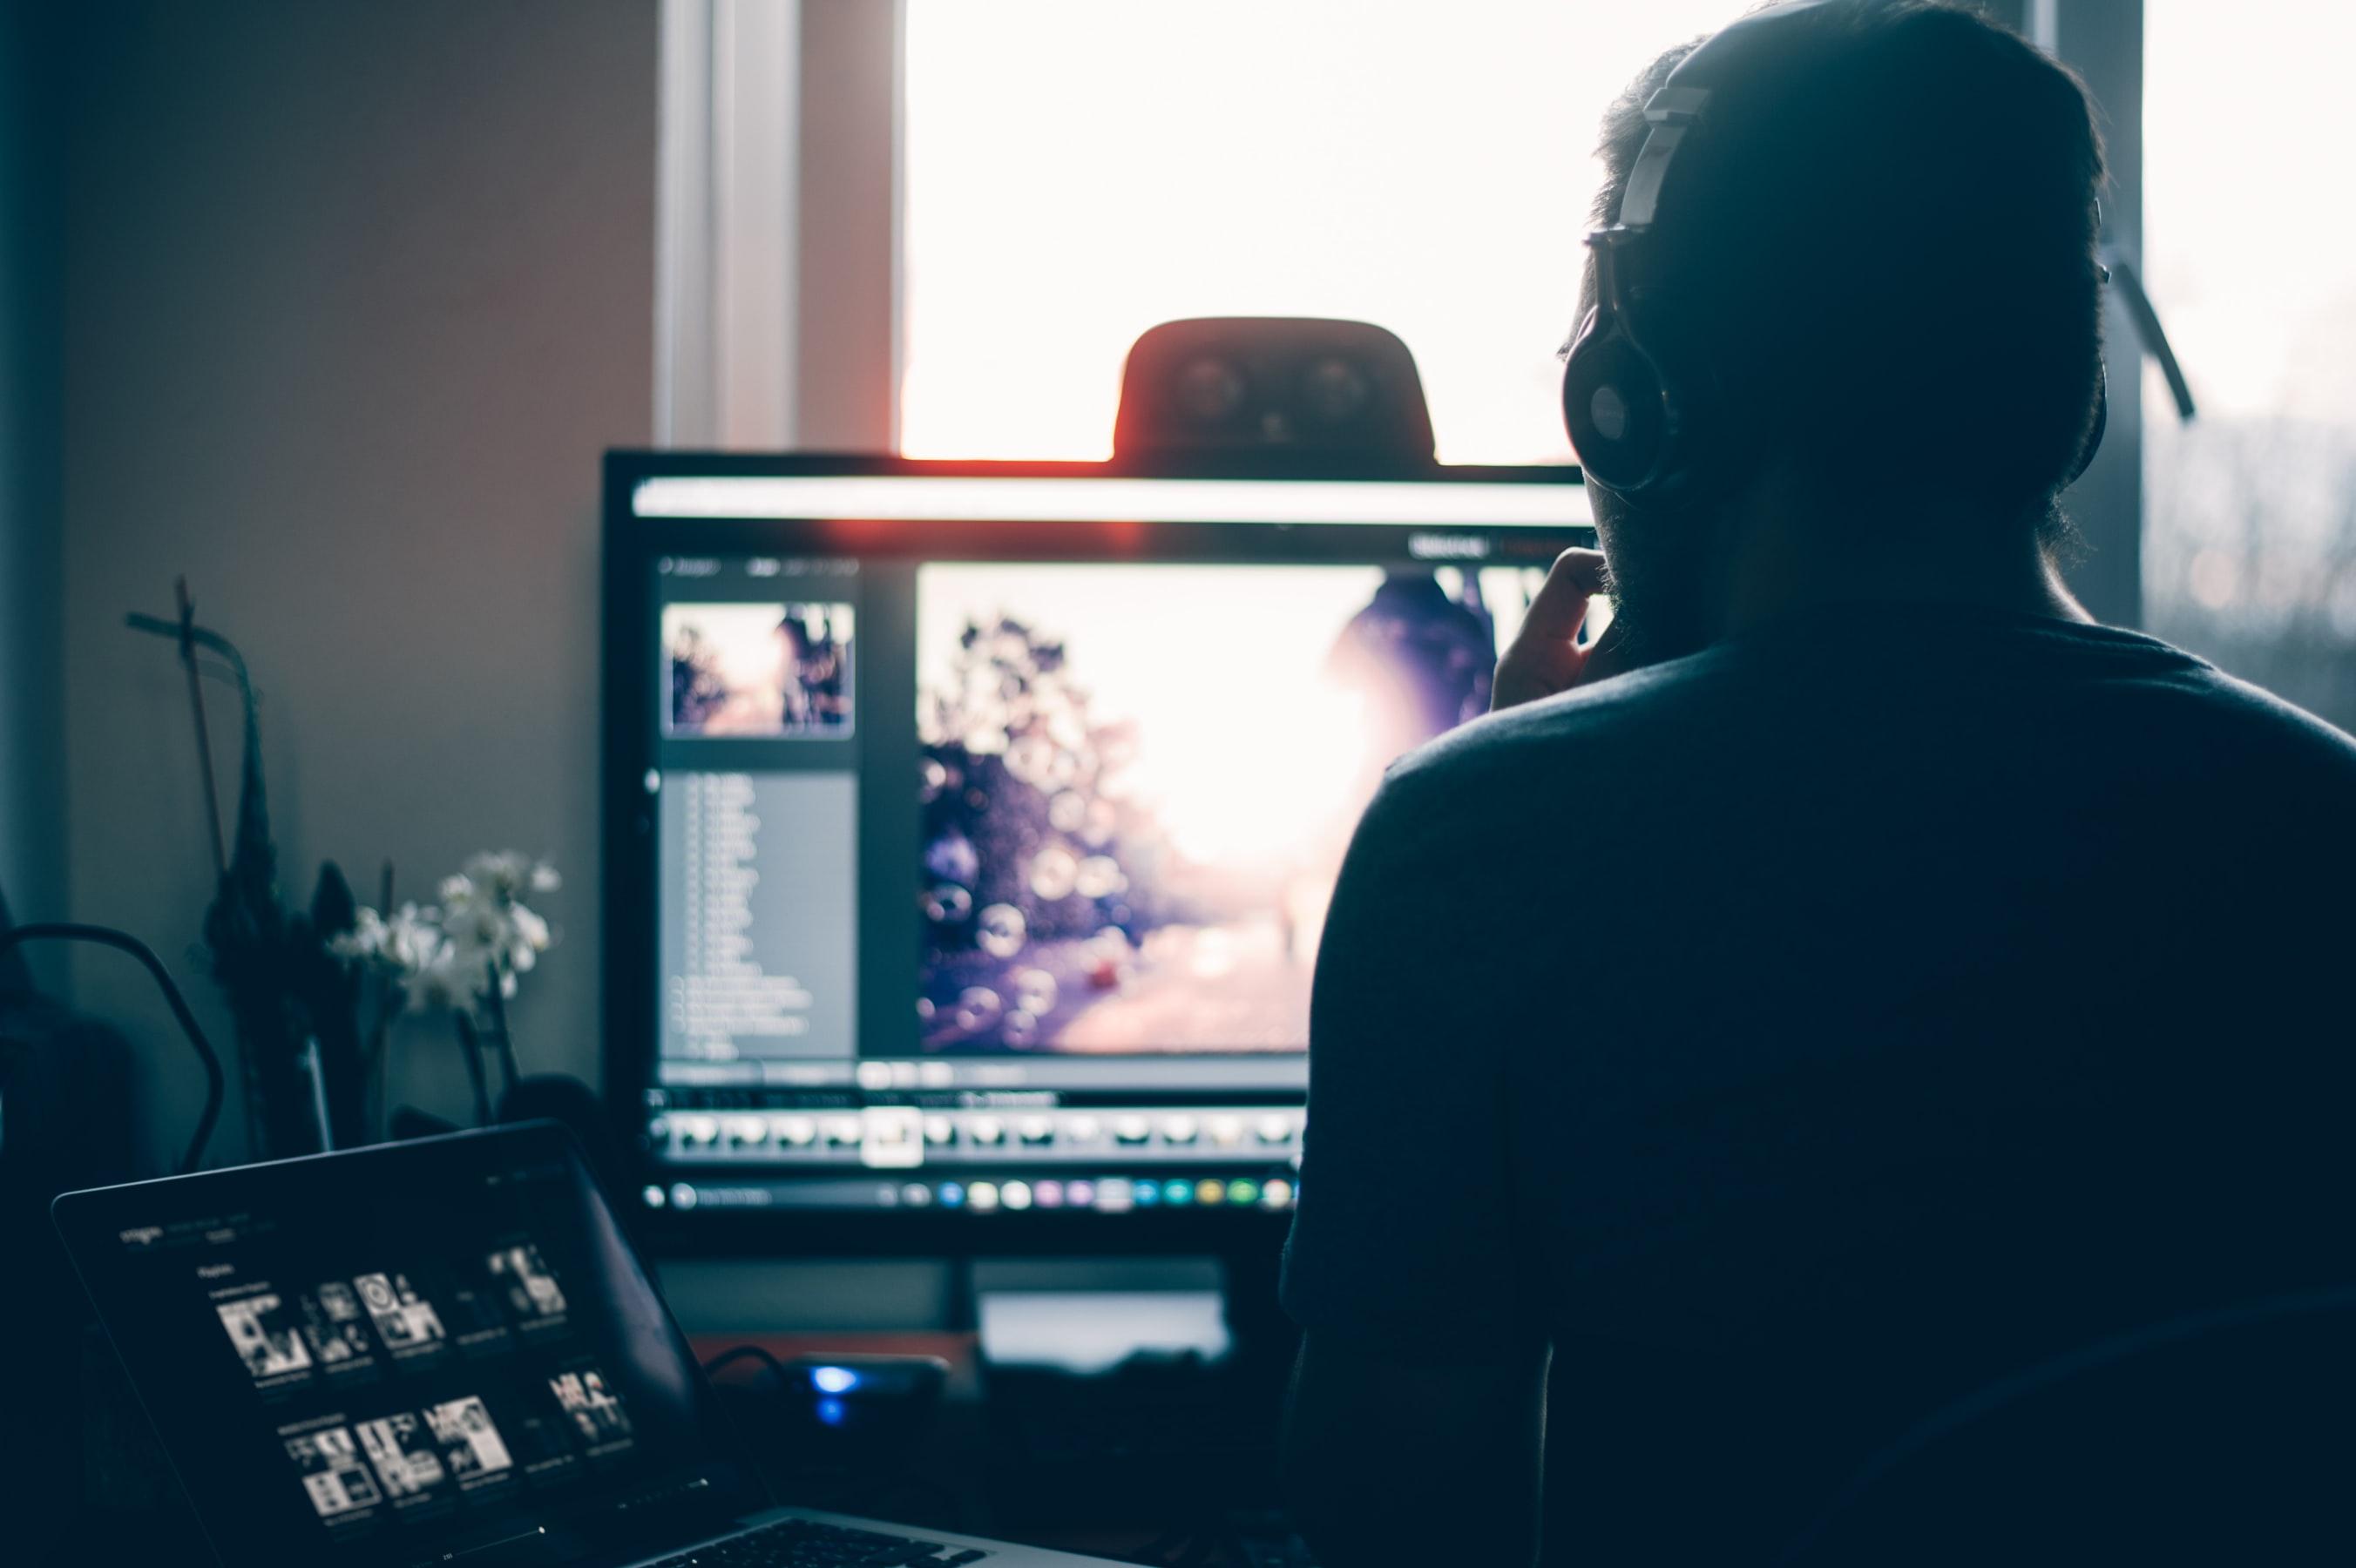 Capturando pantalla